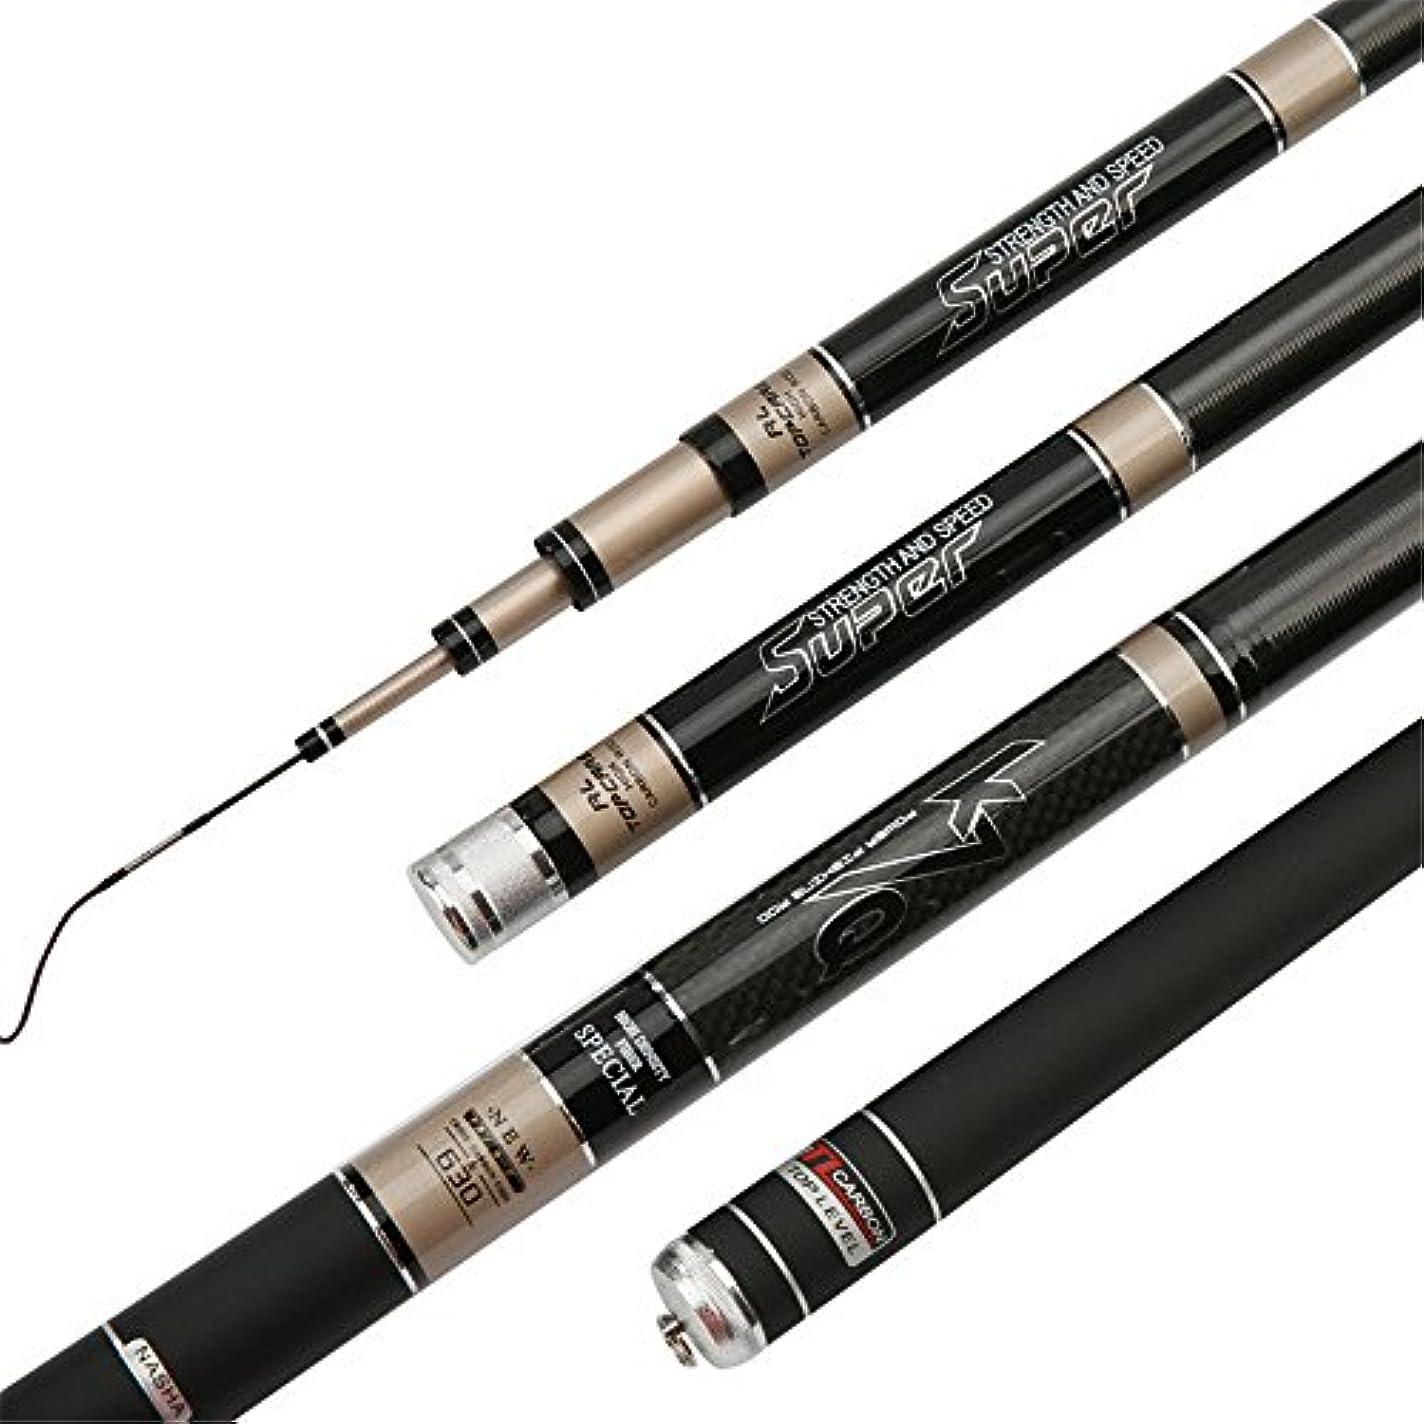 スカープスピーチ郵便屋さん釣り ロッド 釣り竿ウルトラライトスーパーハード19シーサイド釣り竿釣りマグロ池リバーサイドに適した釣り竿。